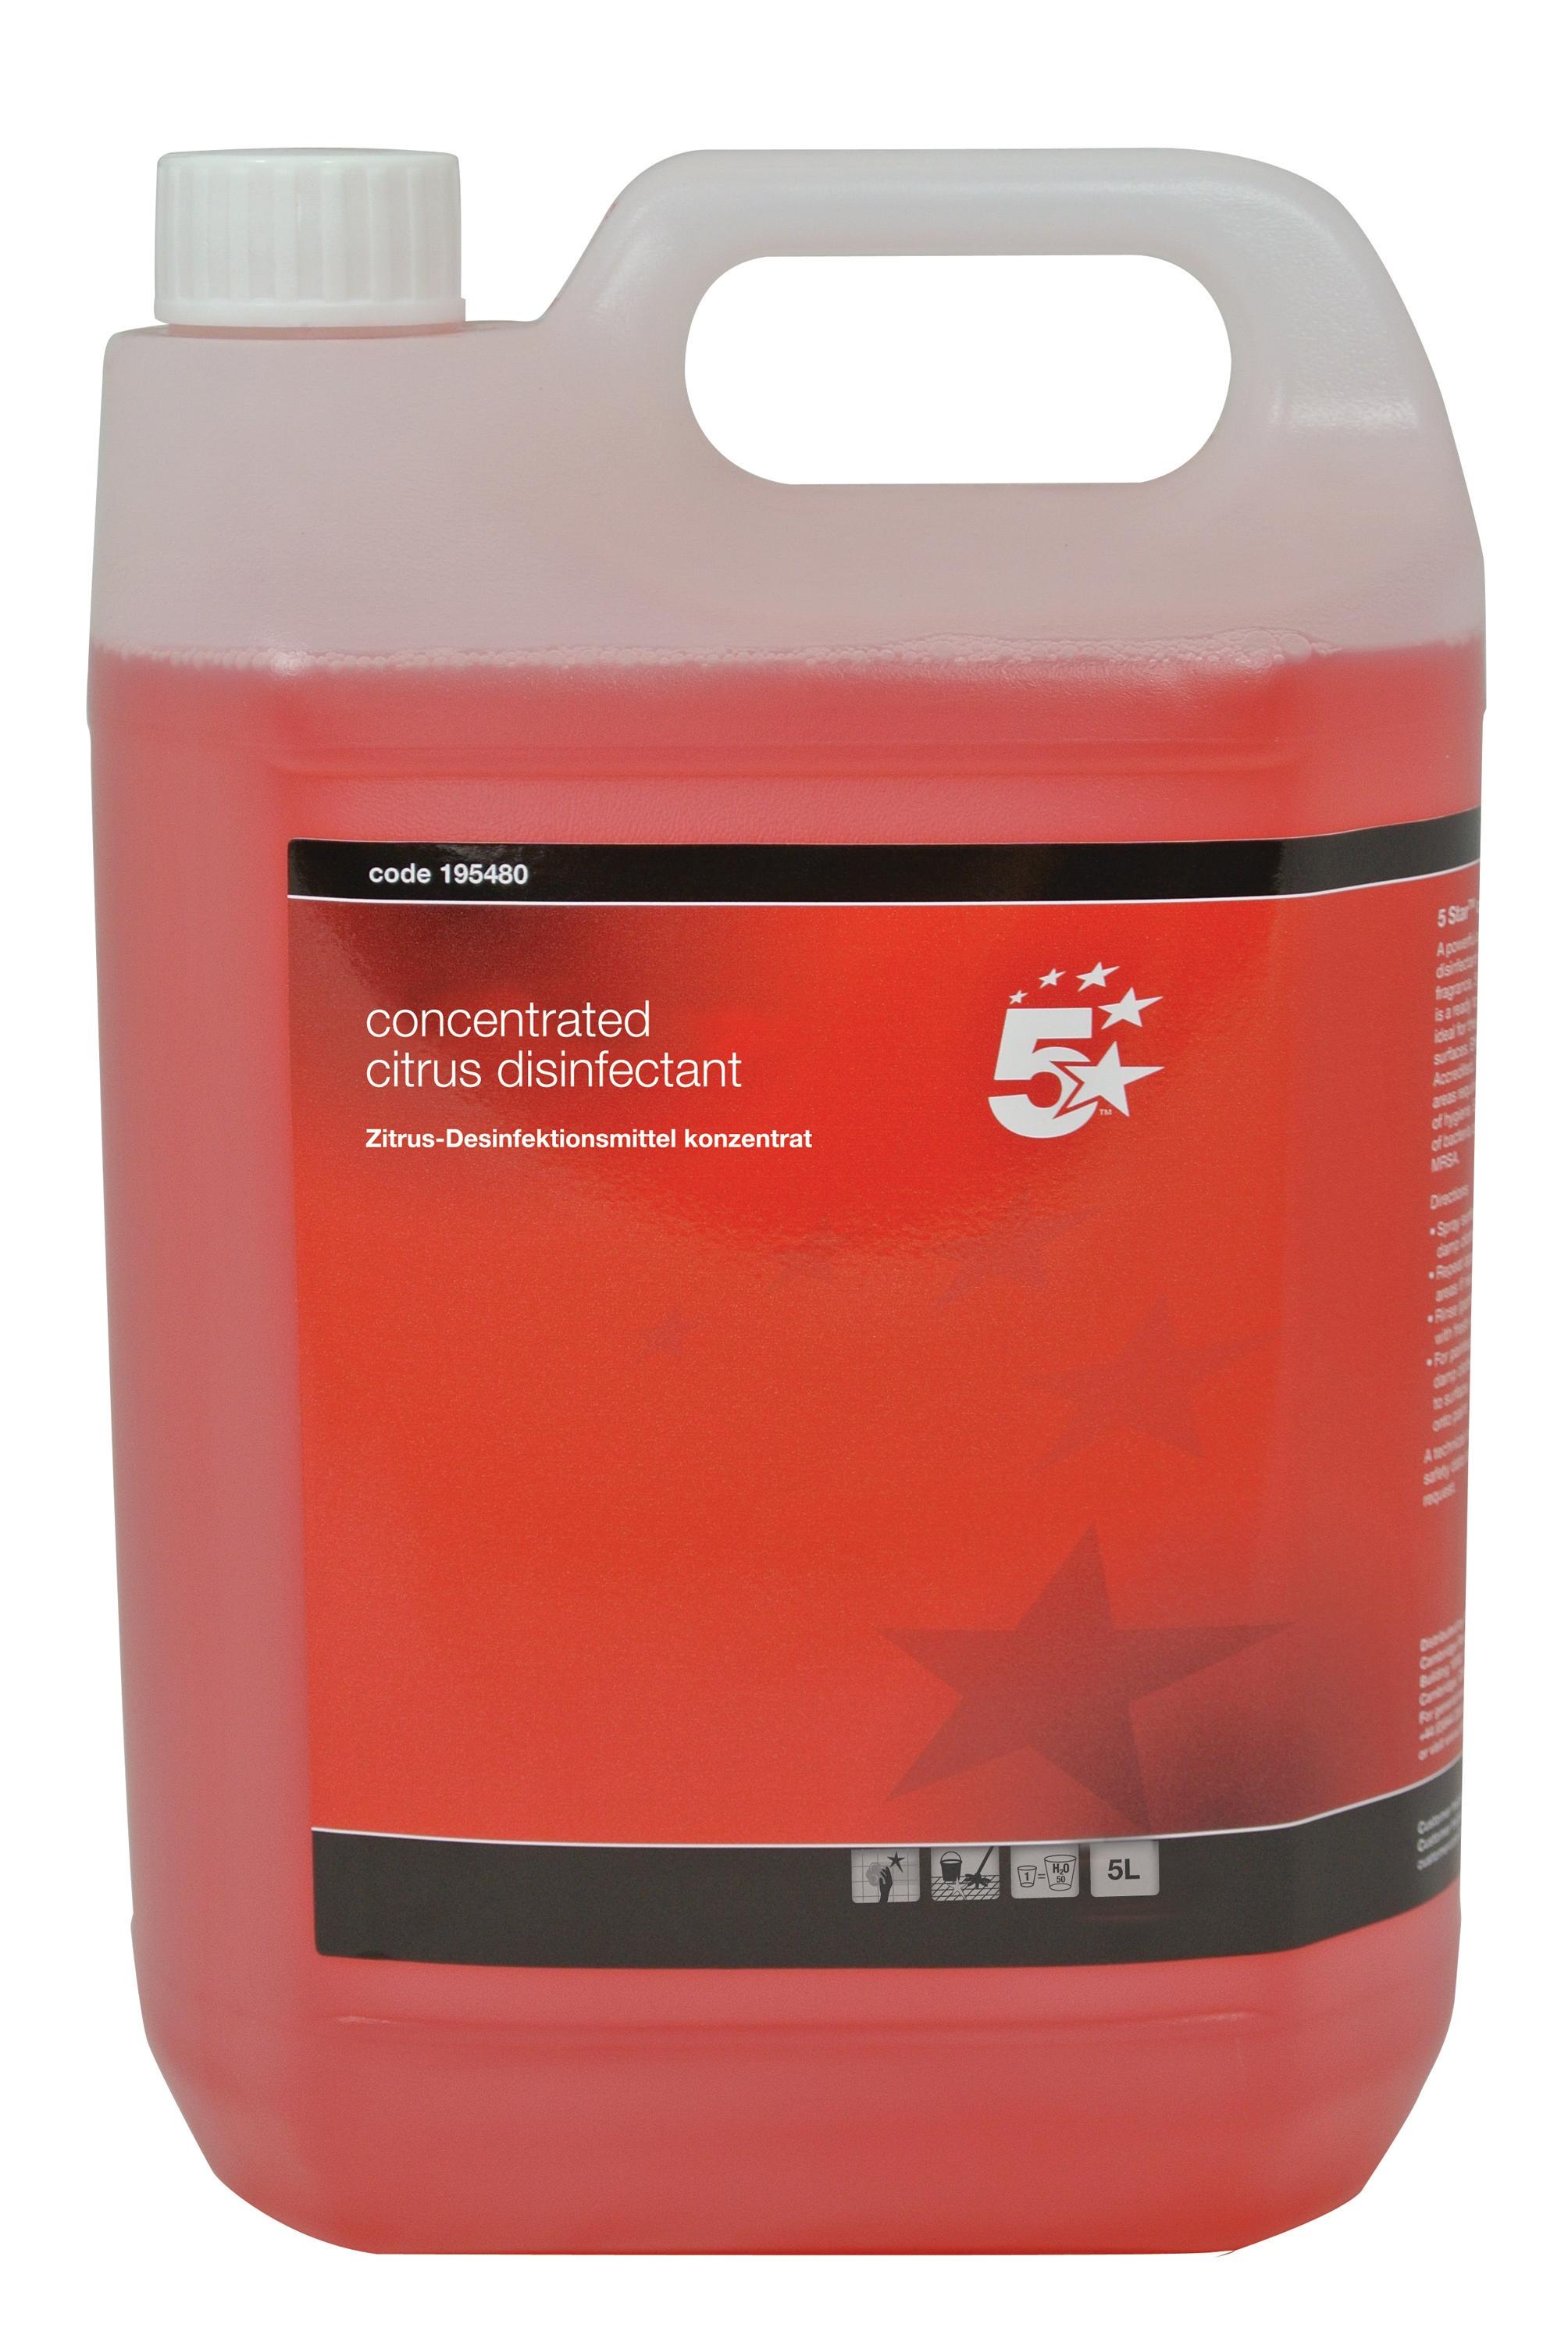 5 Star Citrus Disinfectant 2x 5 Litre